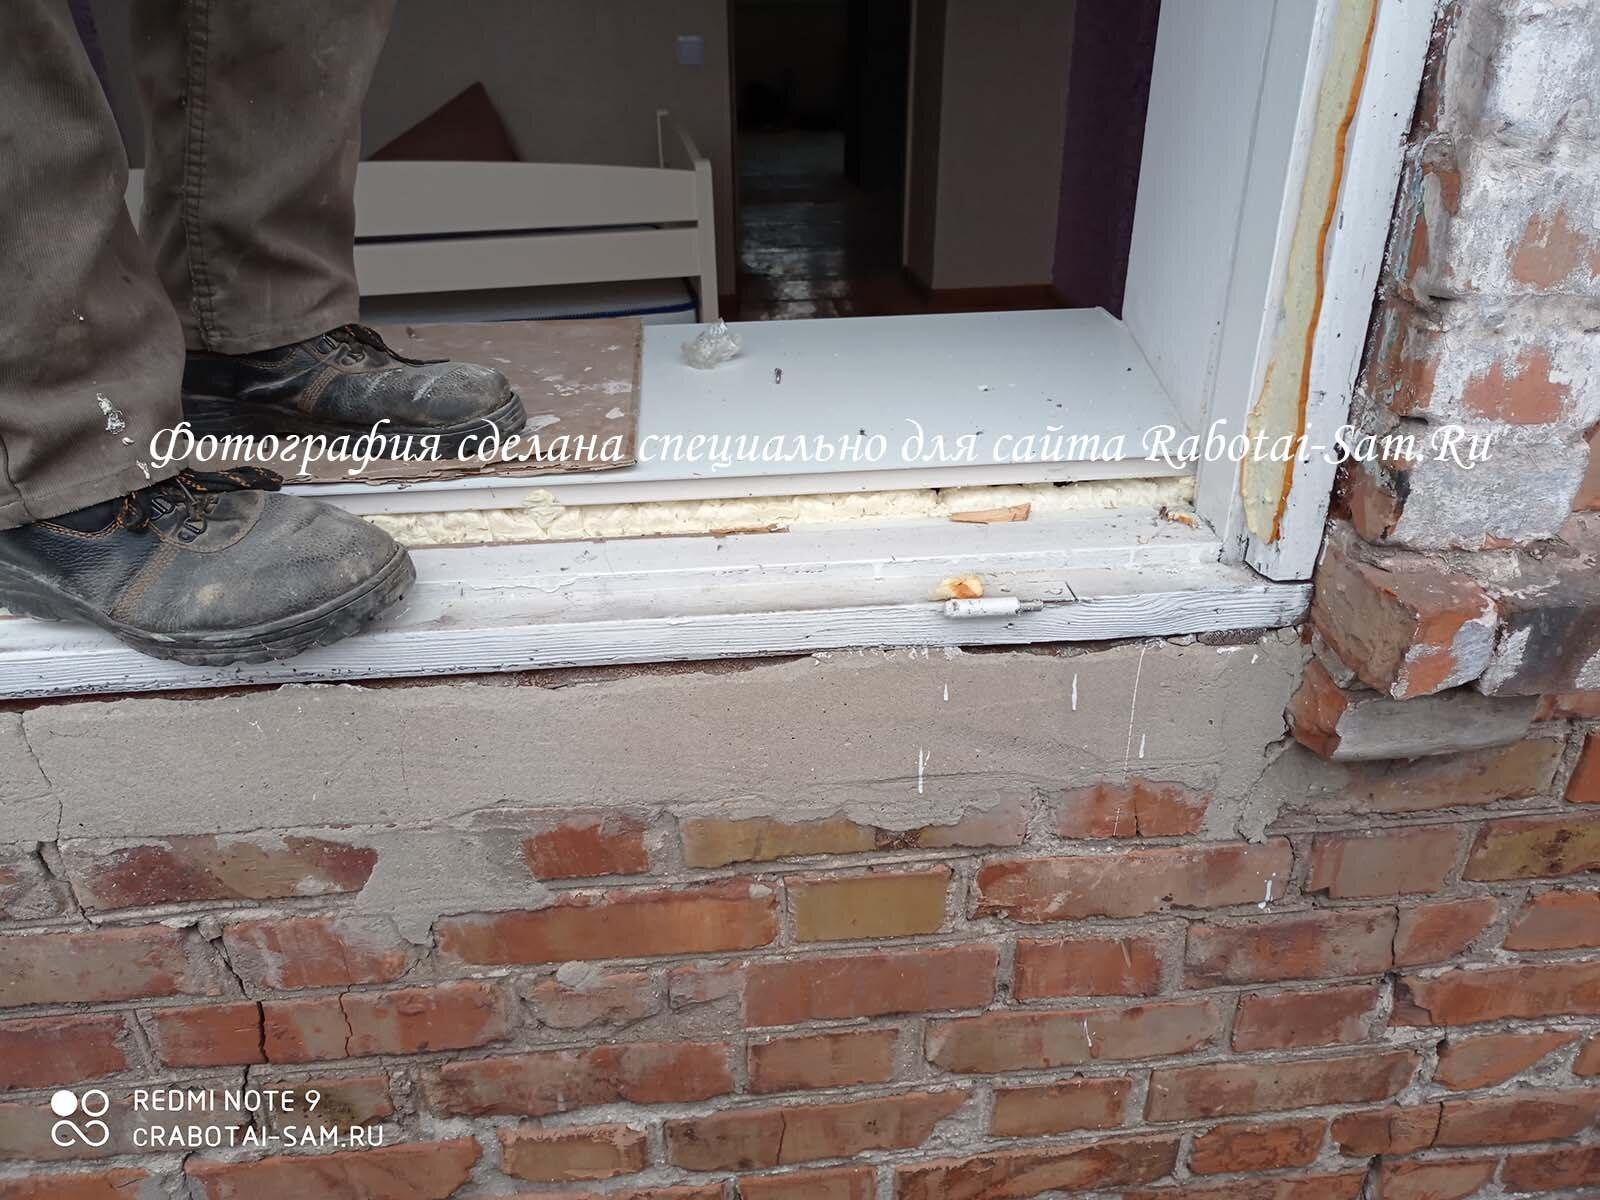 Своими руками демонтируем старую раму окна